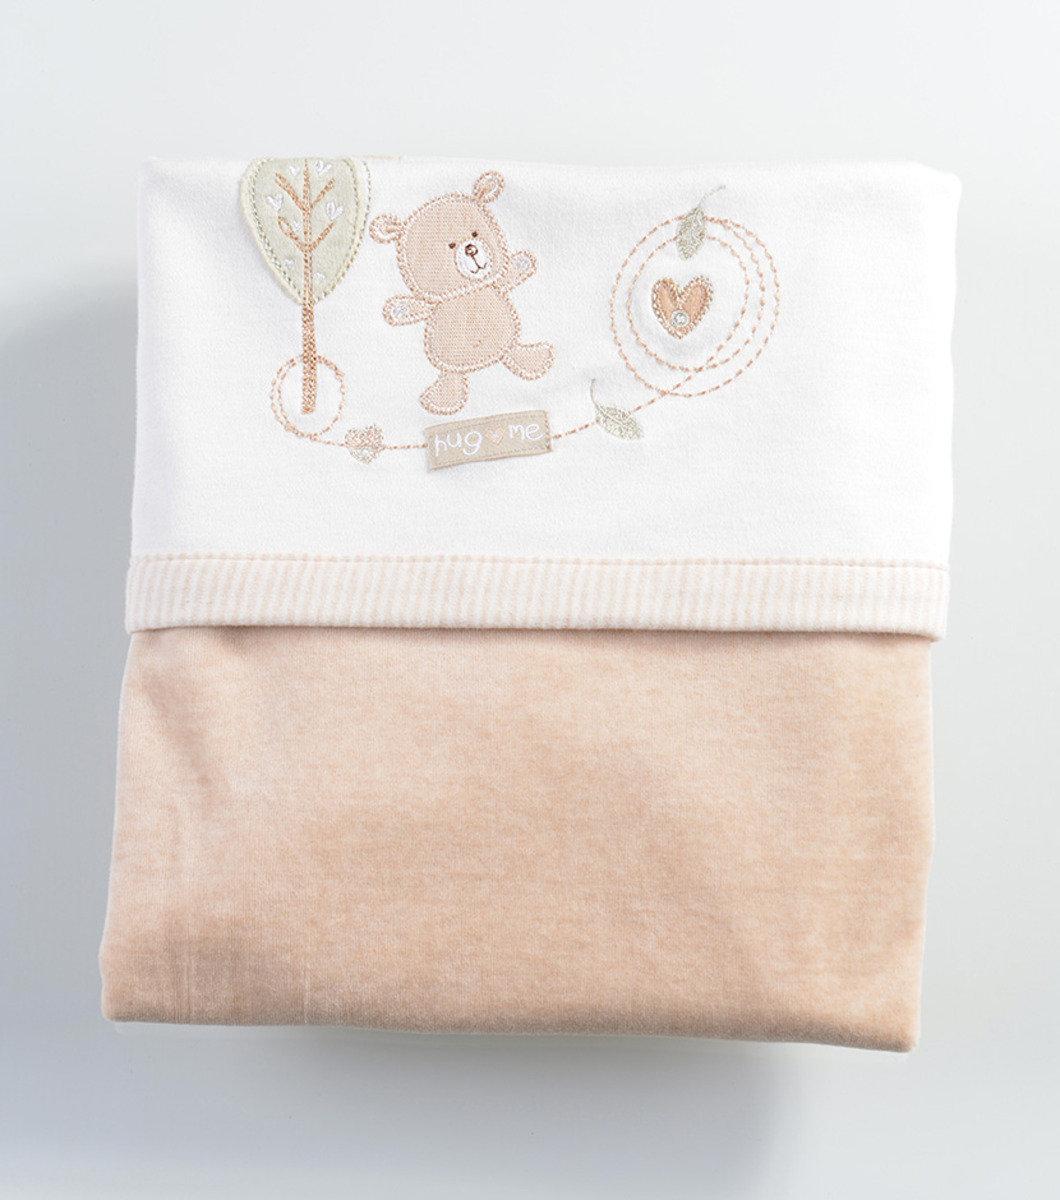 棉絨雙面毛毯 (75x100)cm